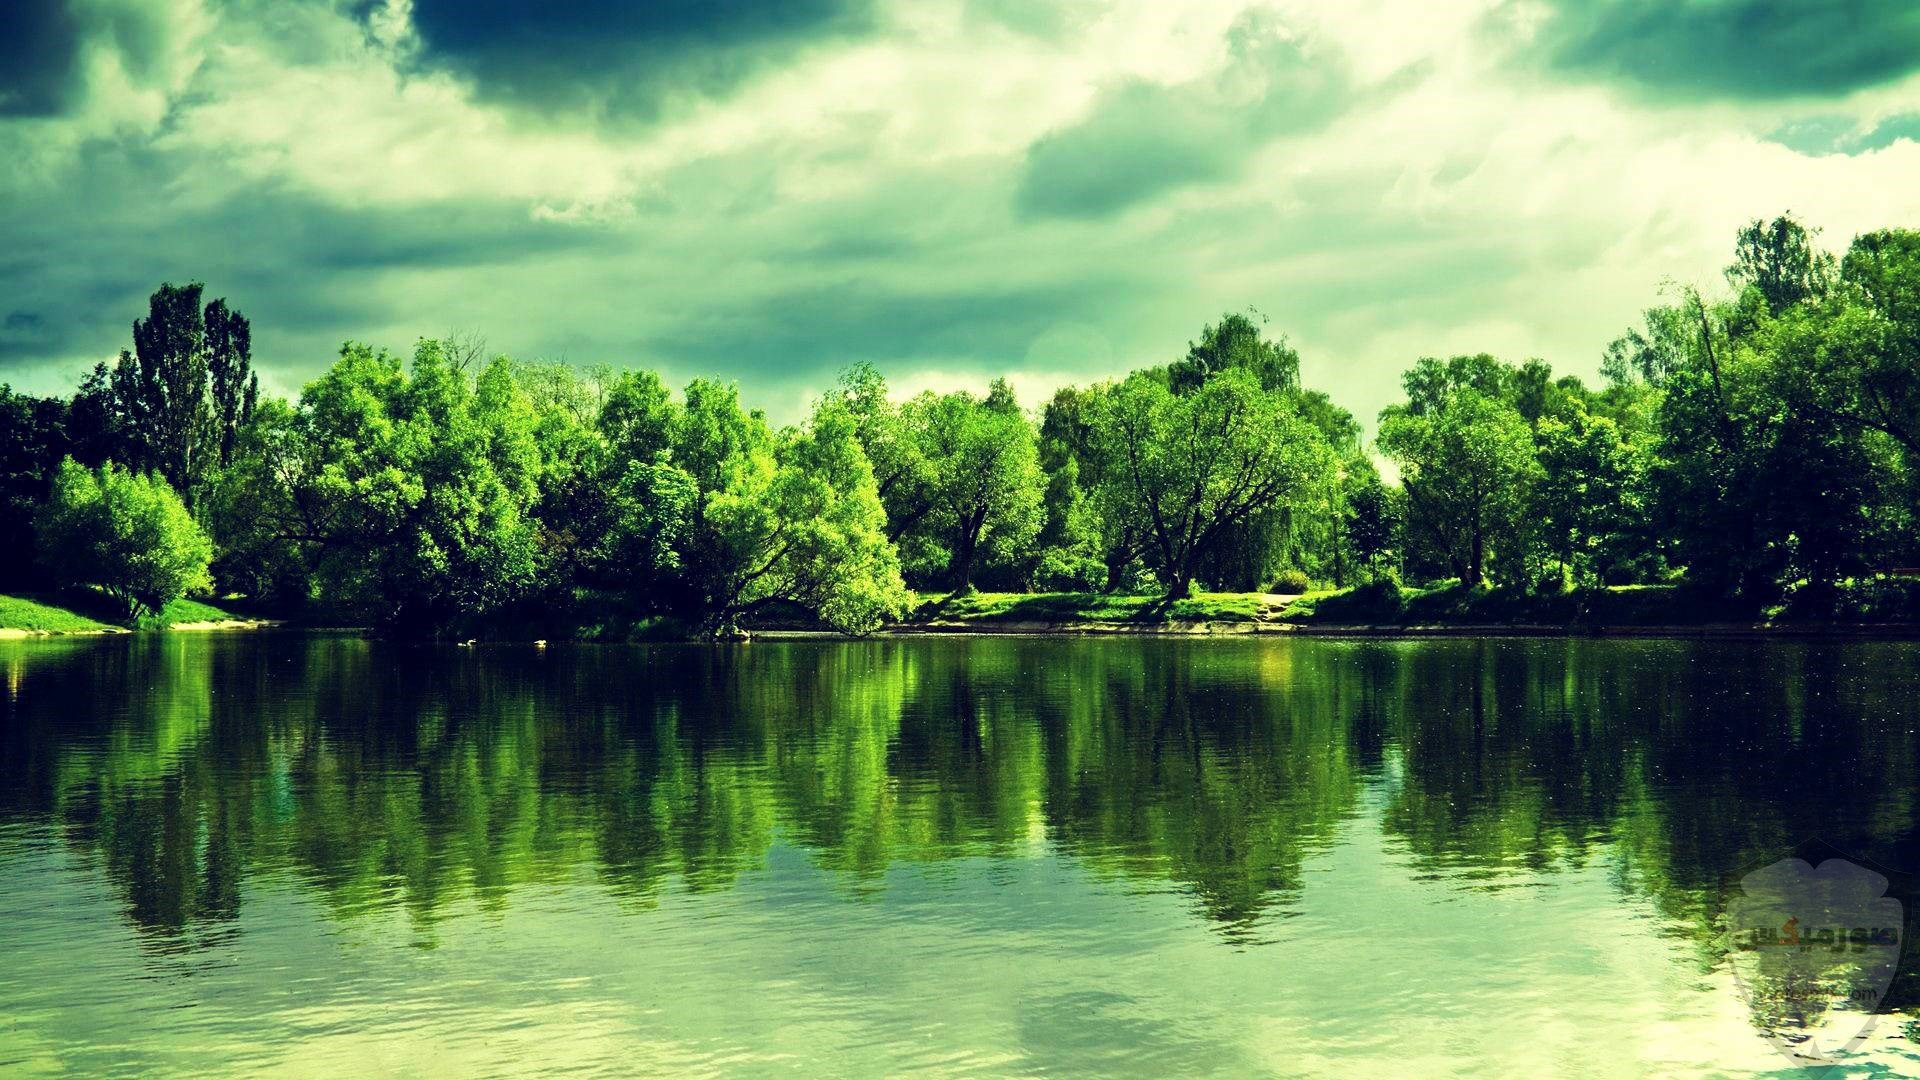 الطبيعة الخلابة أنواع الطبيعة خلفيات طبيعة طبيعة خلابة 21